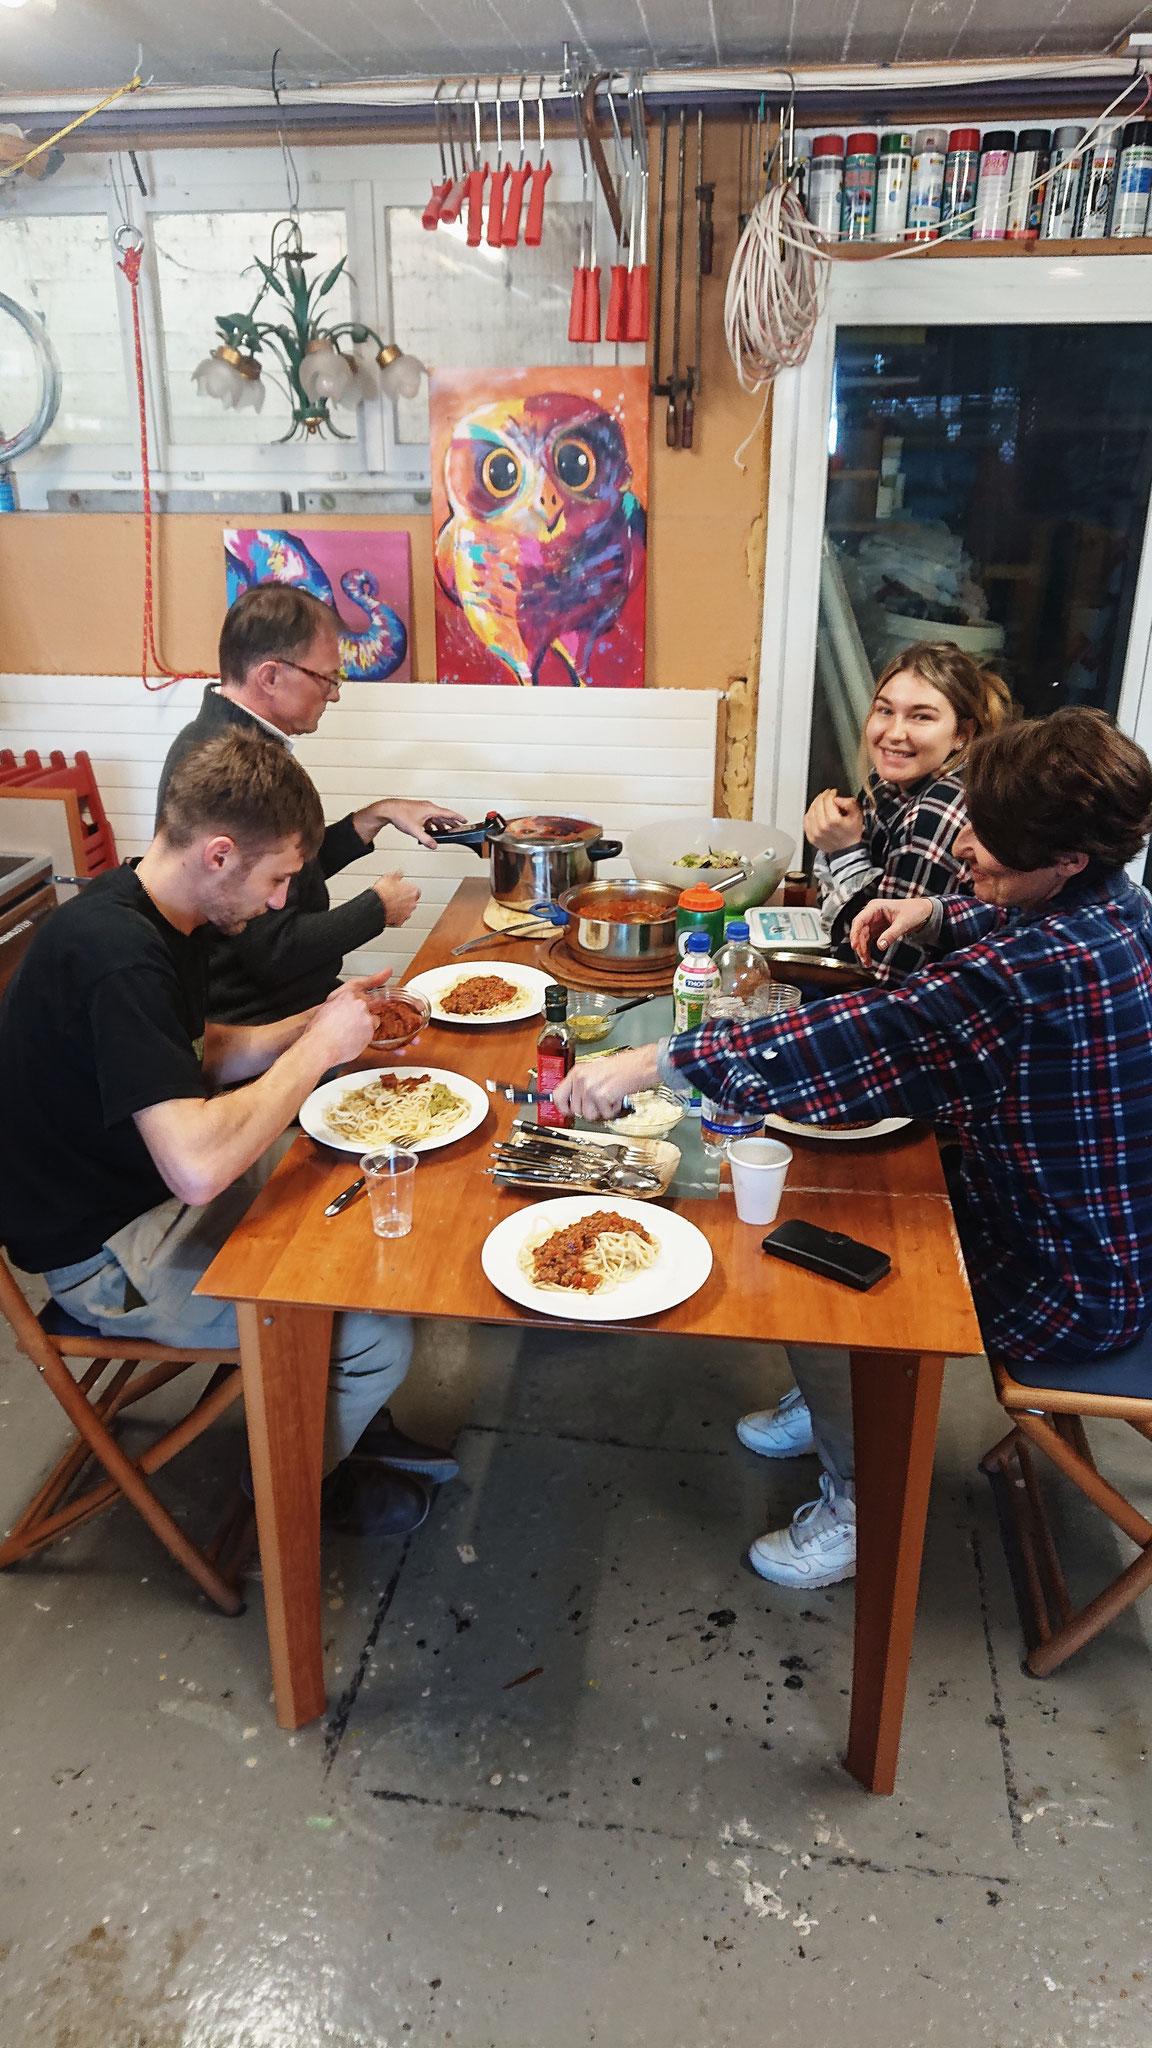 Zur Stärkung gibt es erstmals gut Spaghetti, lecker und viel wars. 16.02.2019